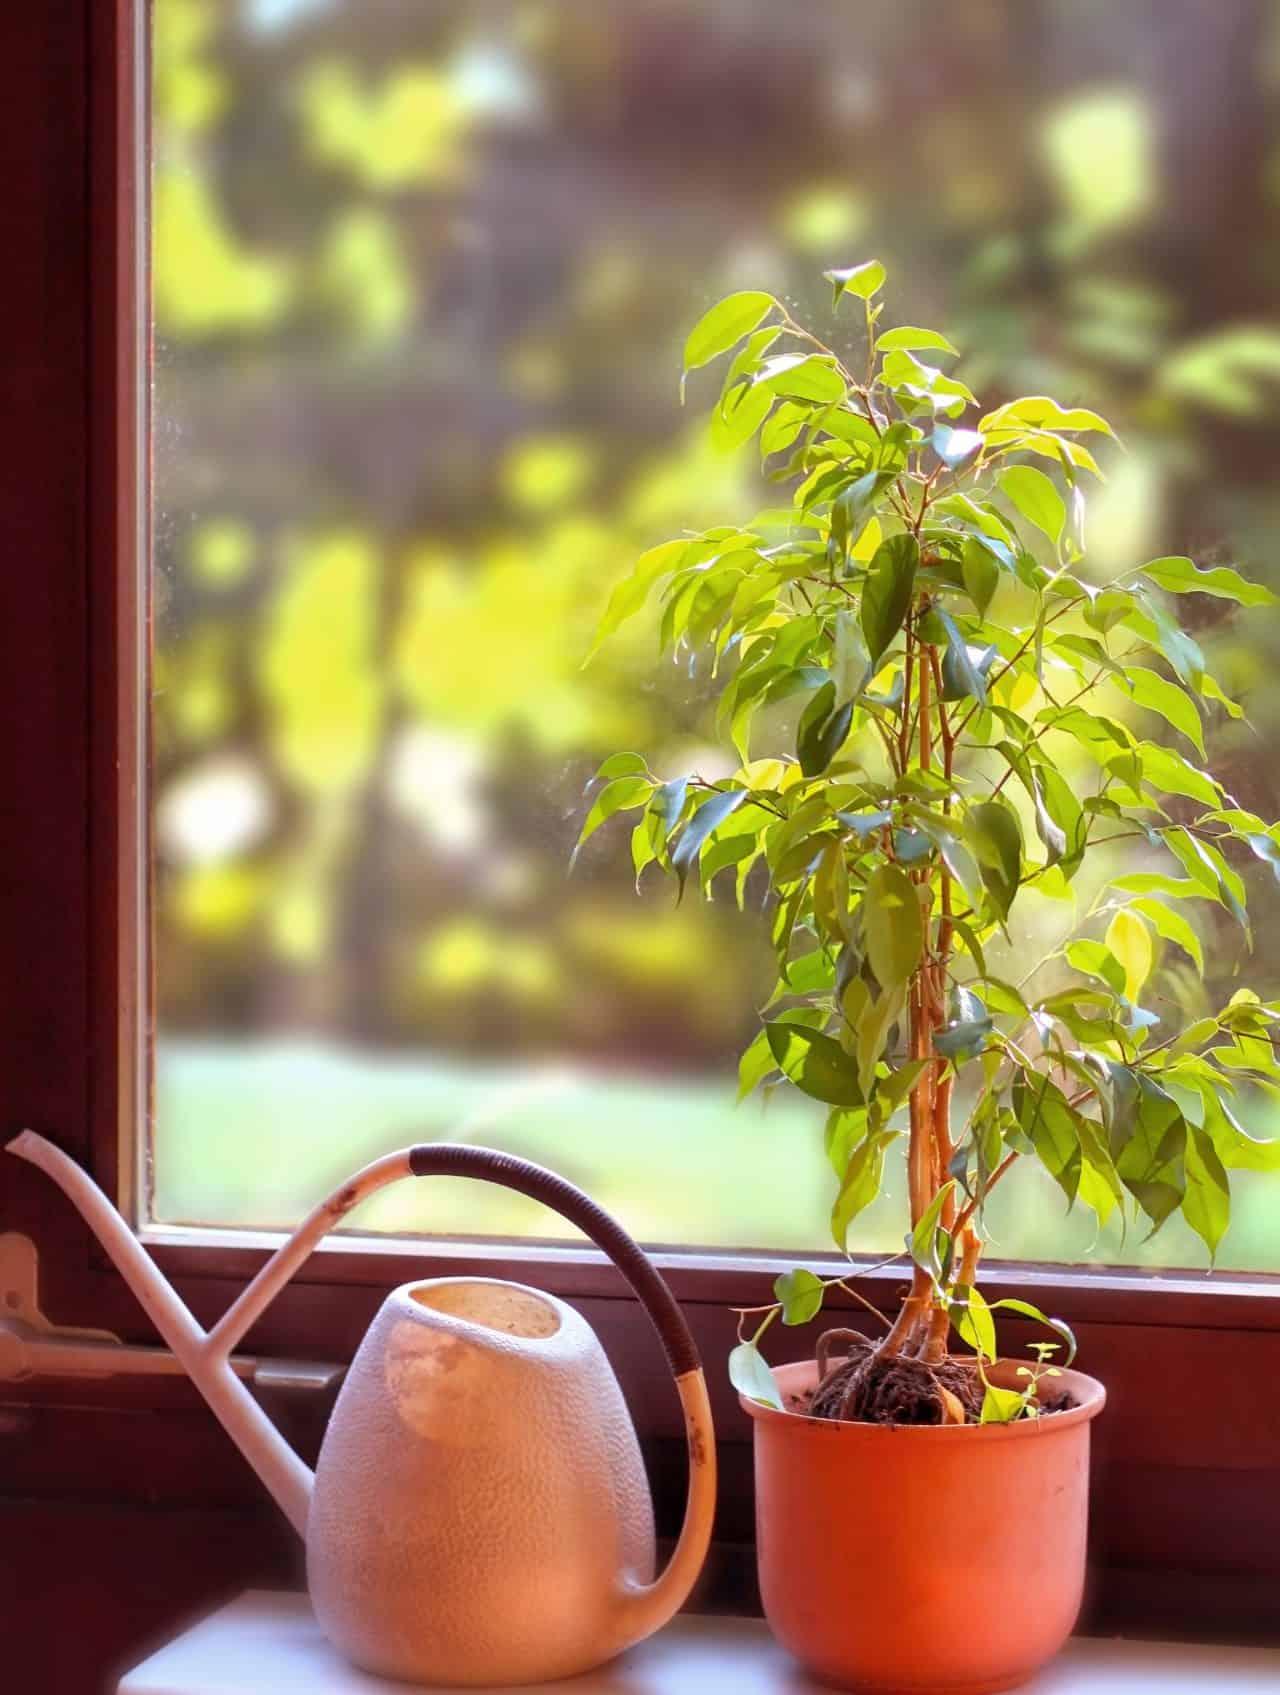 pflanzen f r tr ge pflanzen und tr ge balkonkasten mit blumen leipziger steingarten stauden. Black Bedroom Furniture Sets. Home Design Ideas